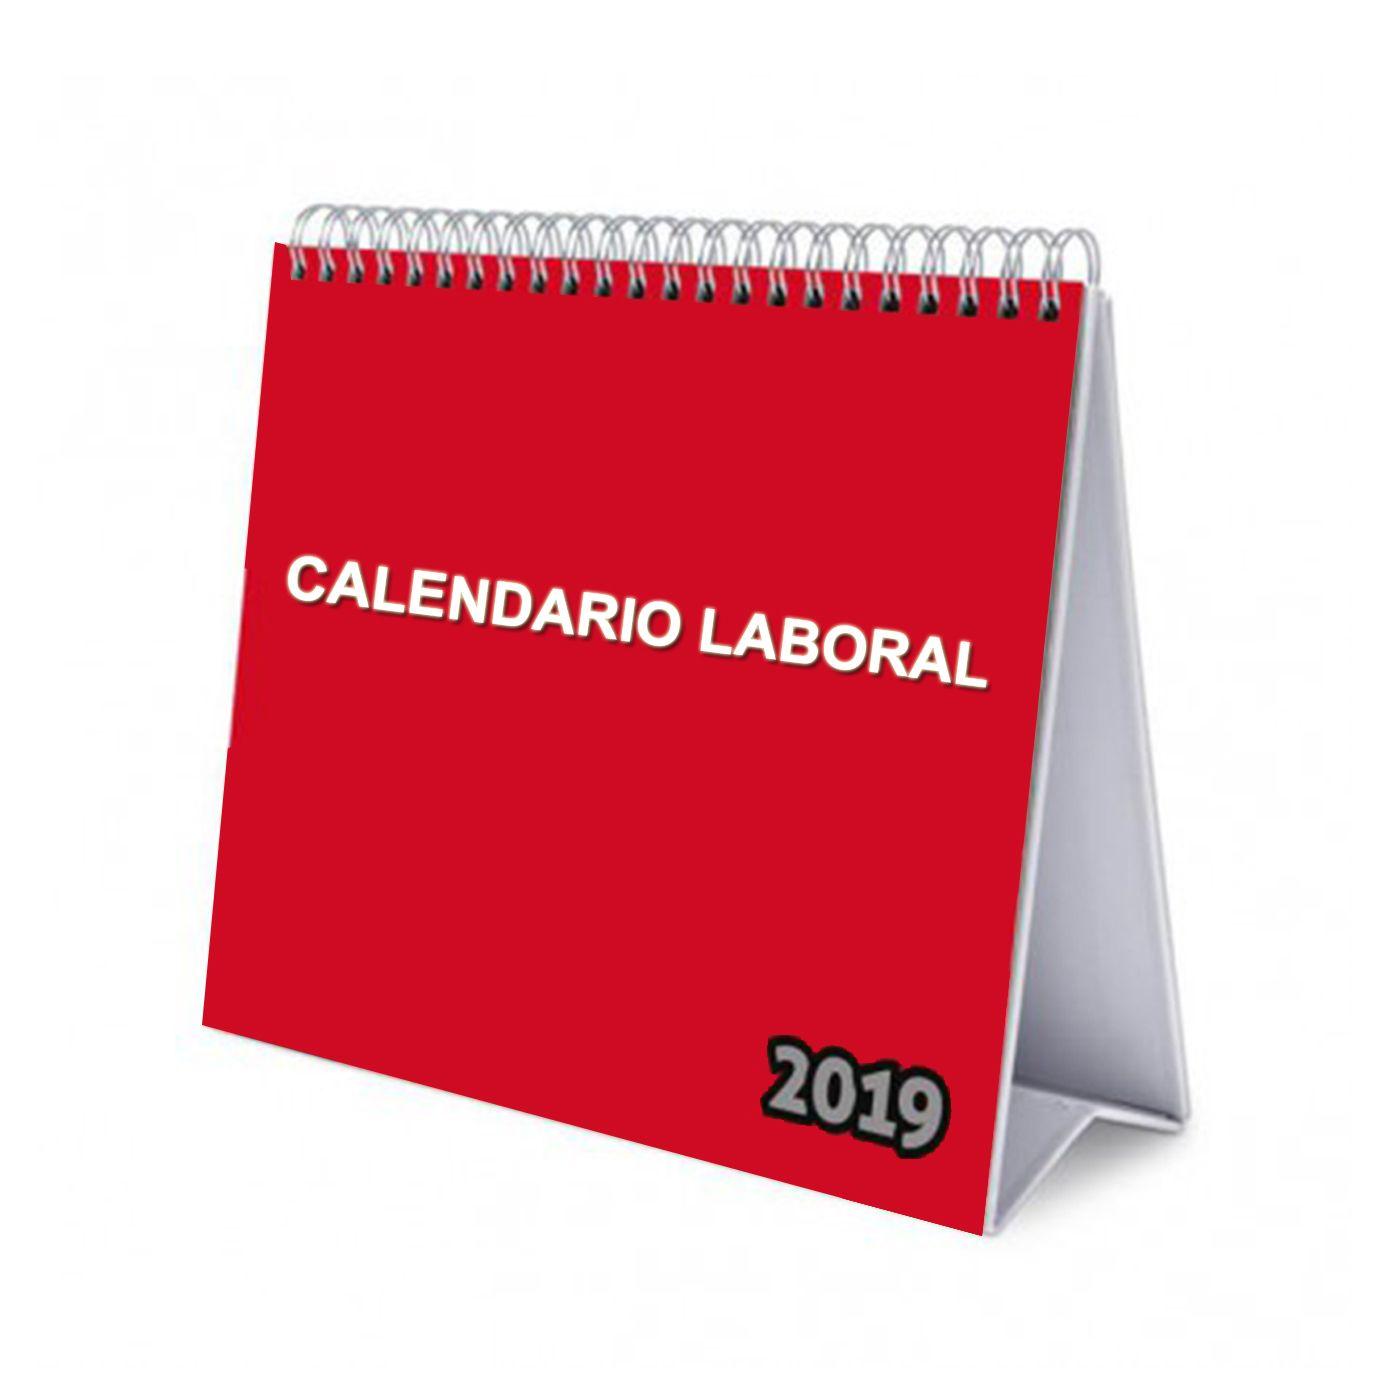 Calendario Laboral Donostia 2019.Pinchando Sobre La Imagen Encontraras El Calendario Laboral De